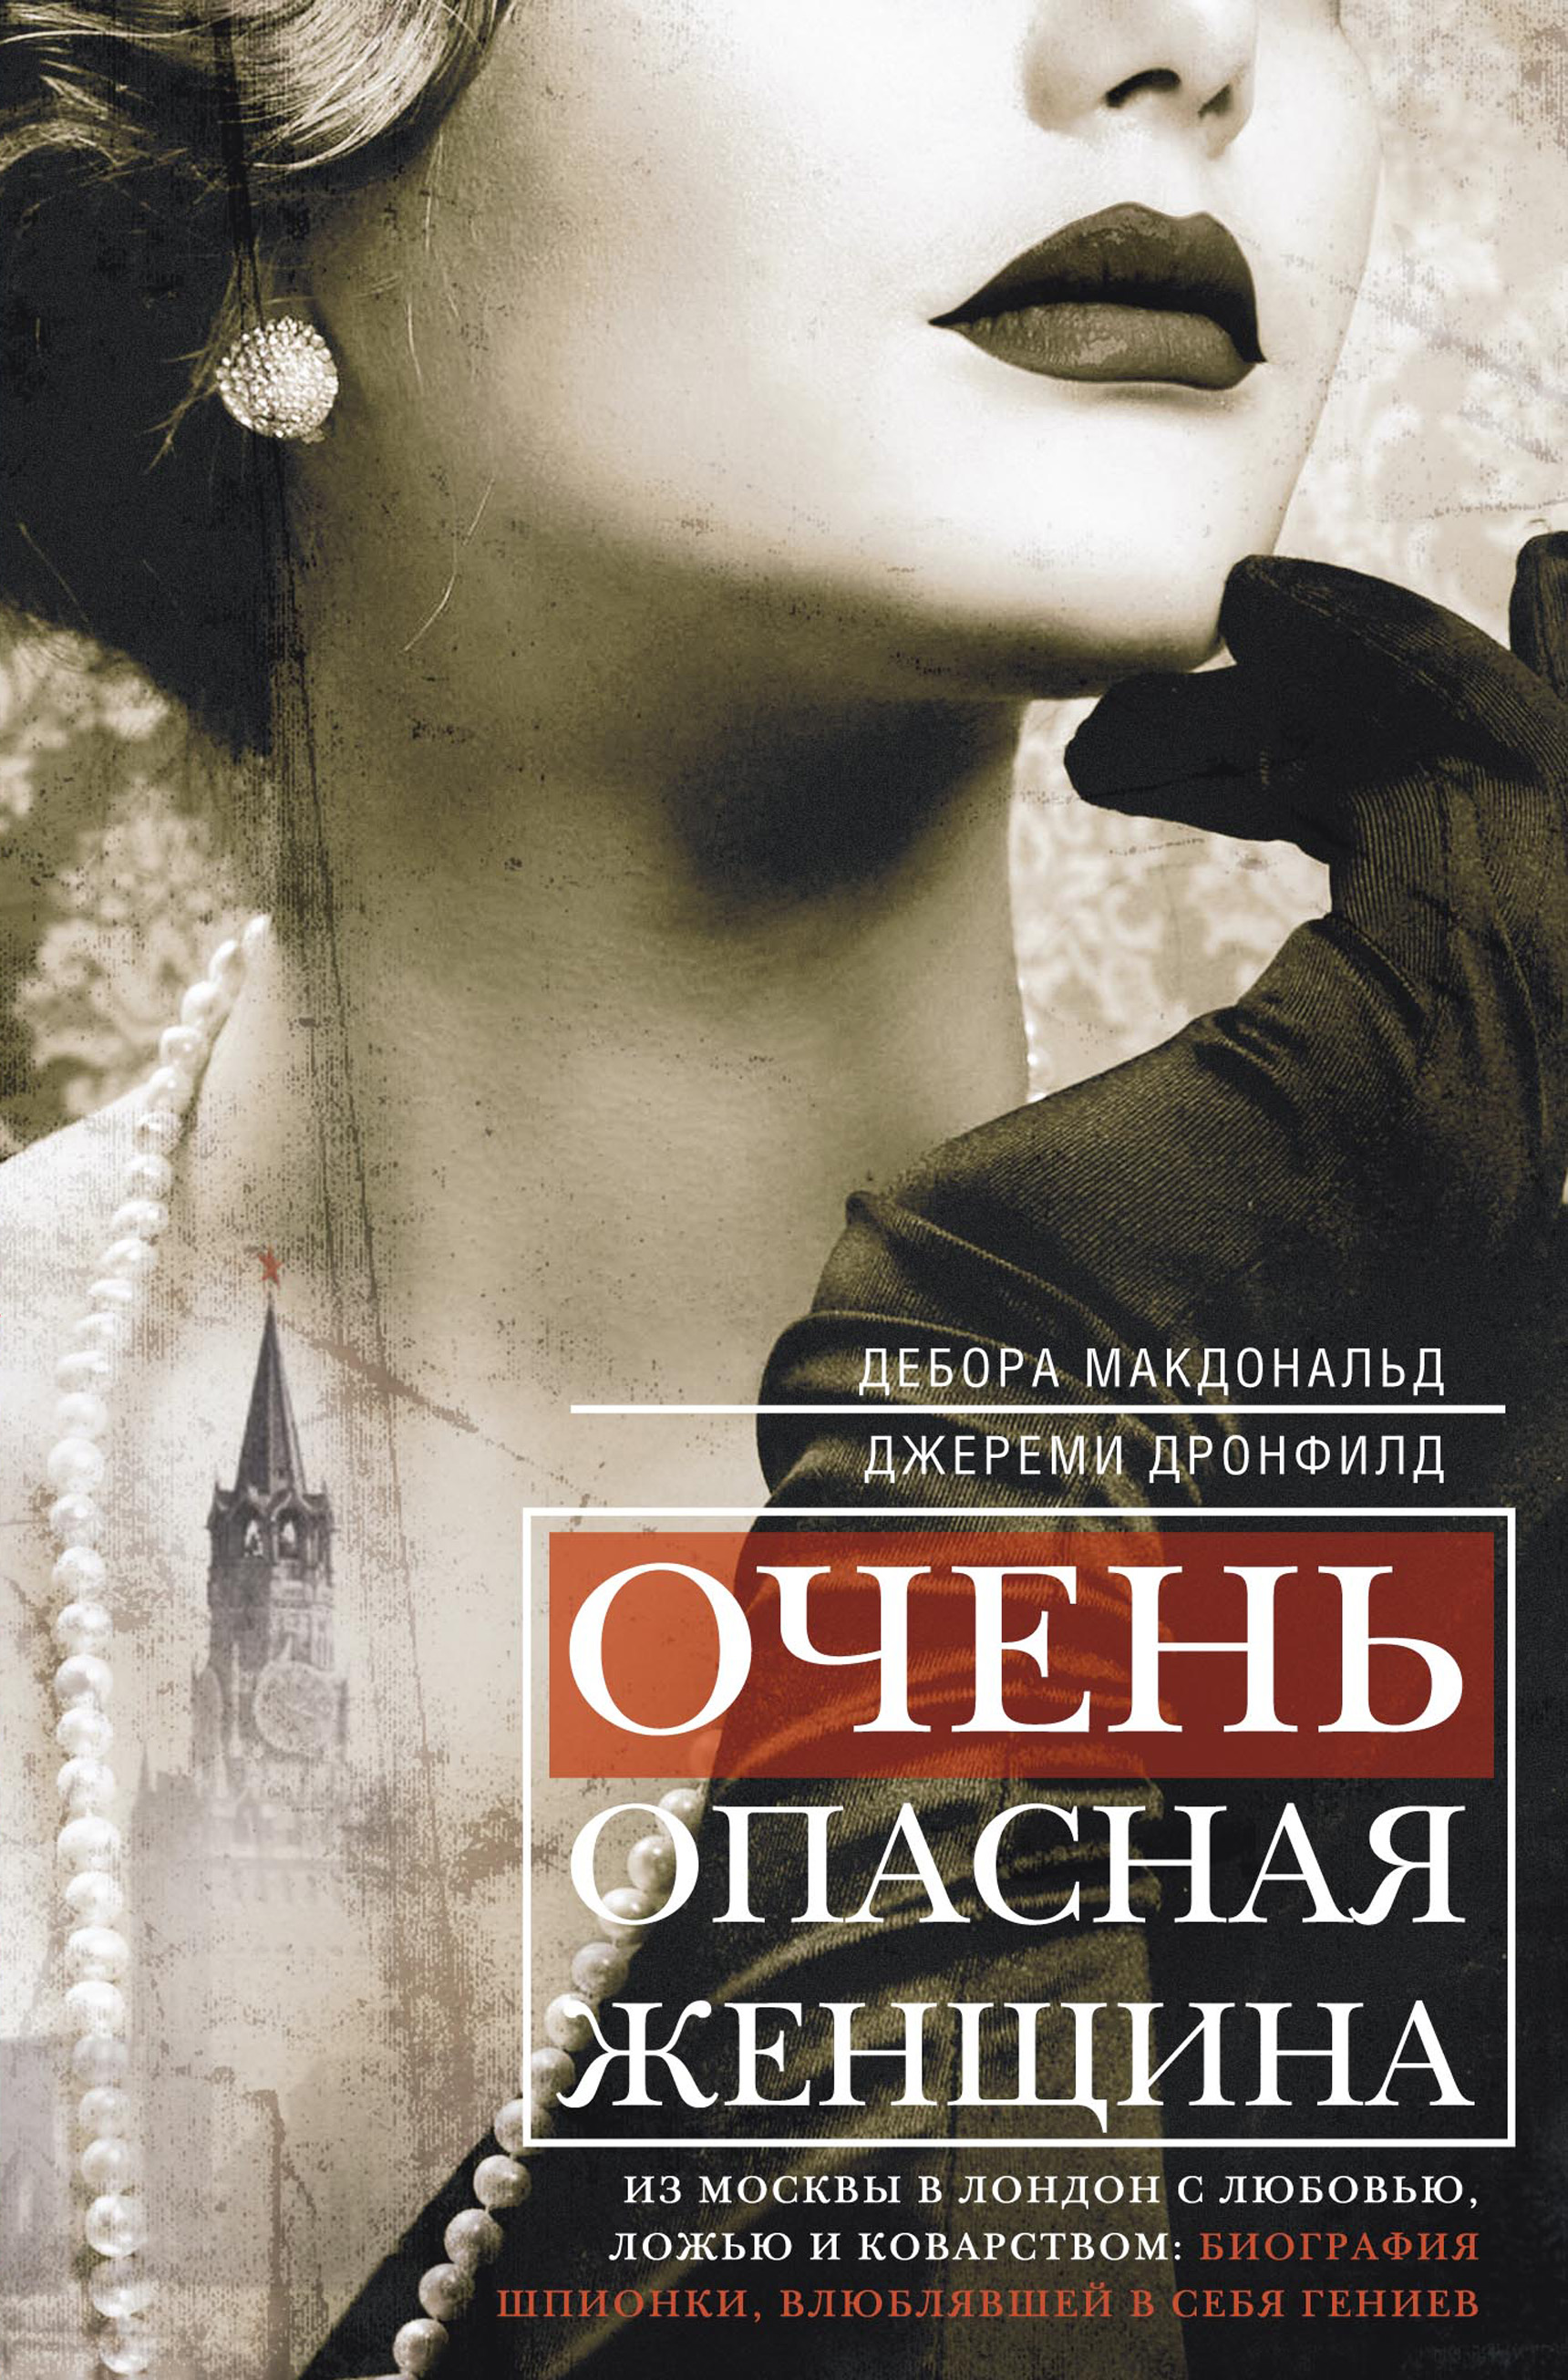 Дебора Макдональд, Джереми Дронфилд «Очень опасная женщина. Из Москвы в Лондон с любовью, ложью и коварством: биография шпионки, влюблявшей в себя гениев»